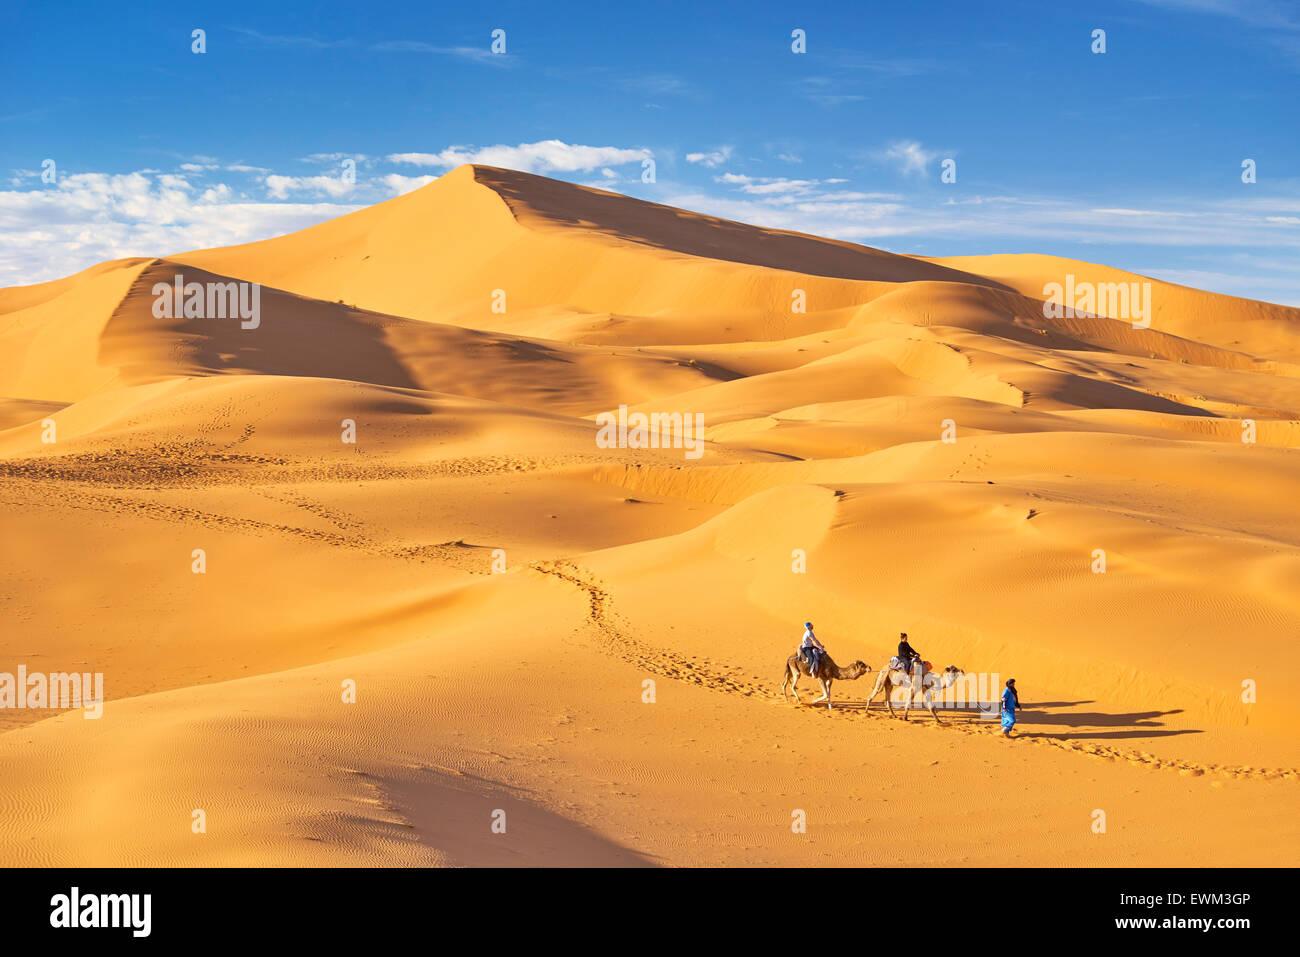 Marocco - i turisti di marcia sui cammelli, Erg Chebbi deserto vicino a Merzouga, Sahara Foto Stock